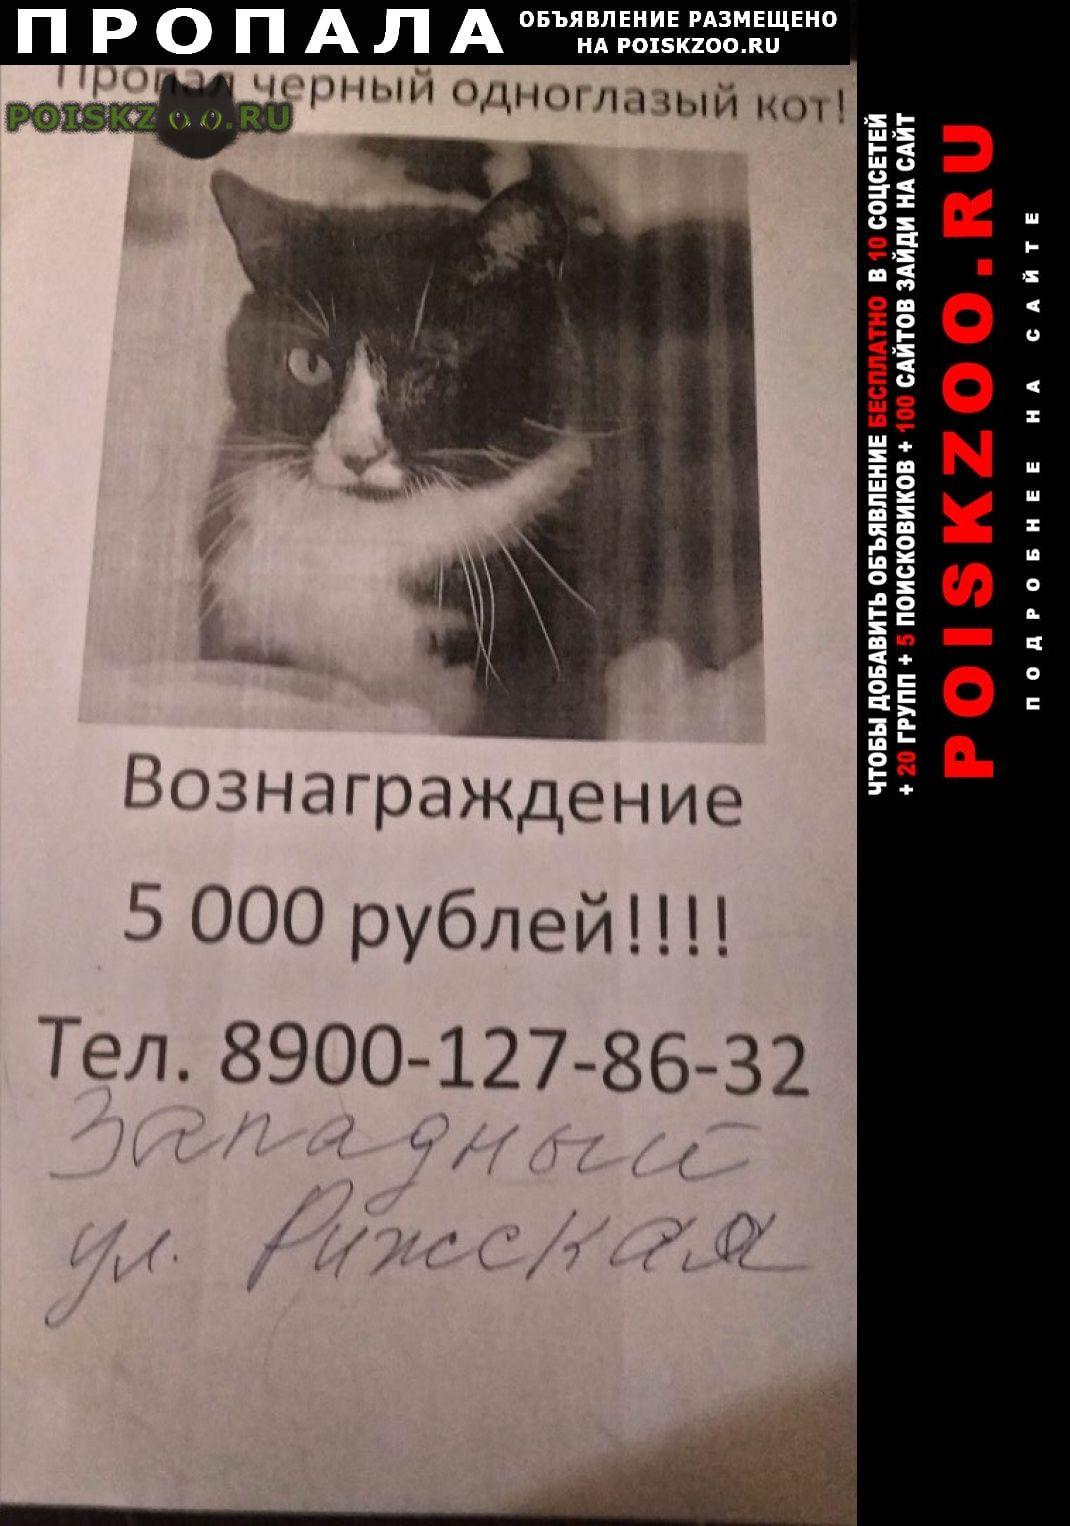 Пропала кошка Ростов-на-Дону